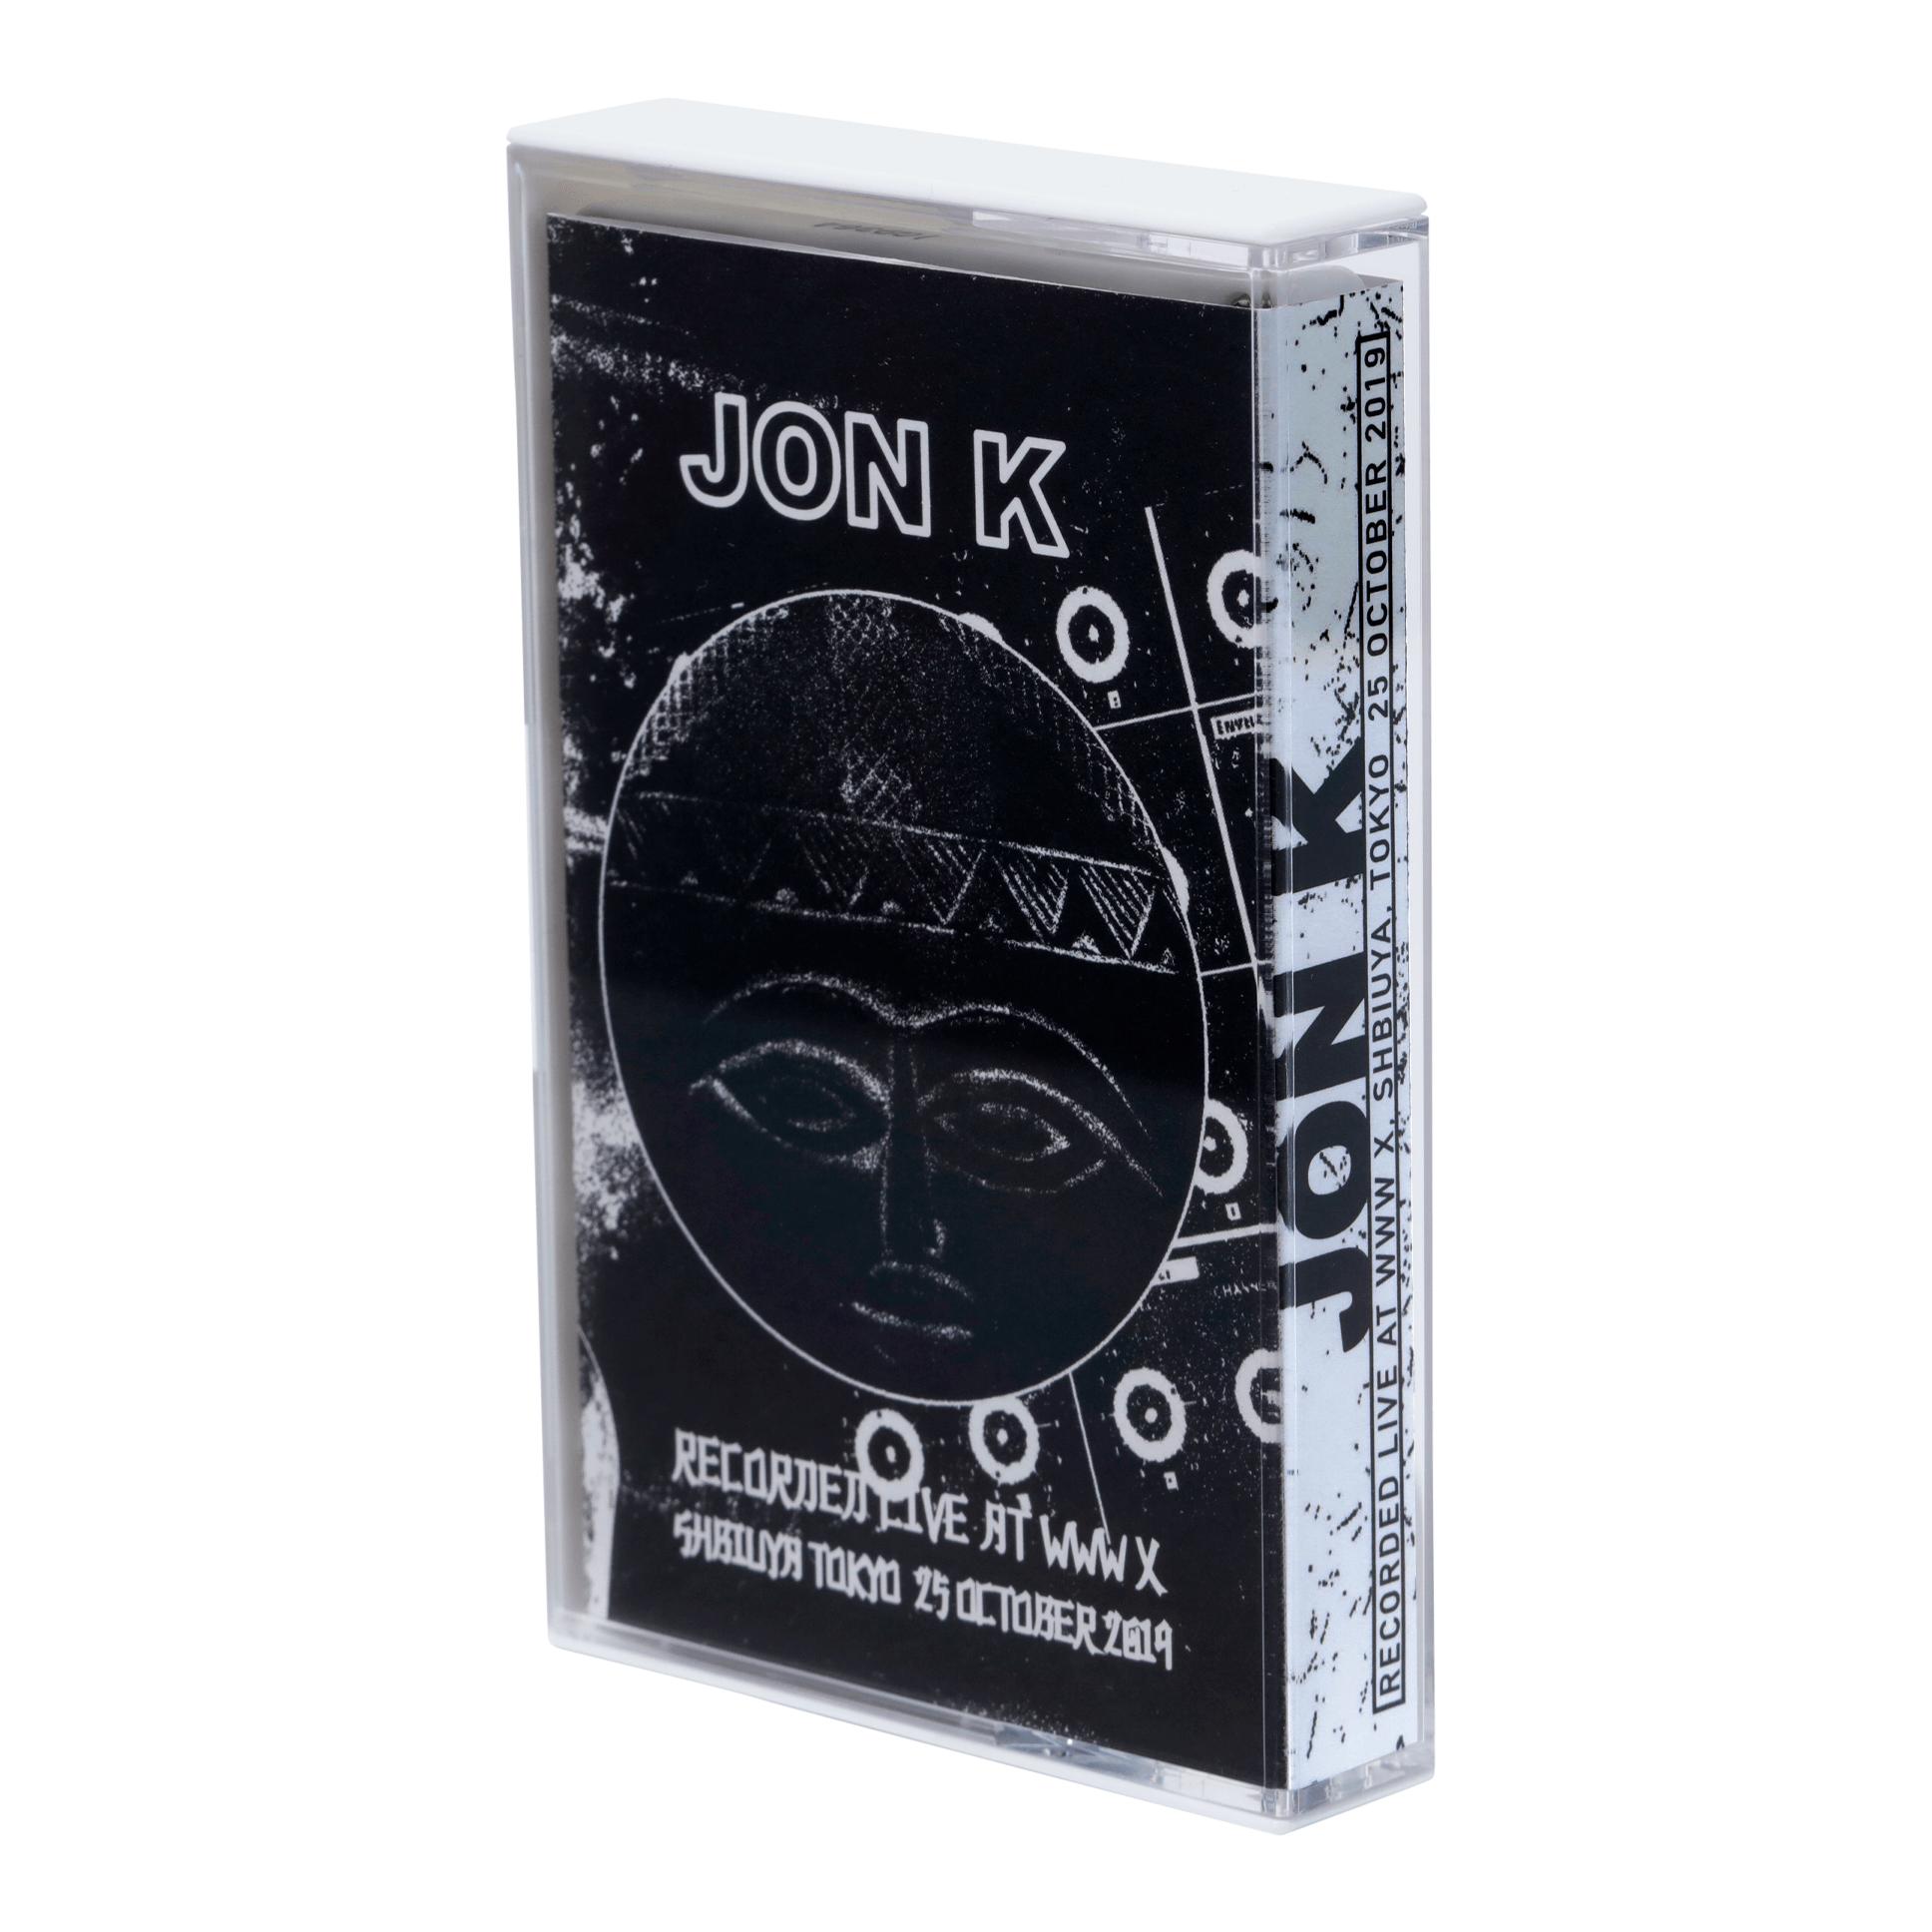 Jon K